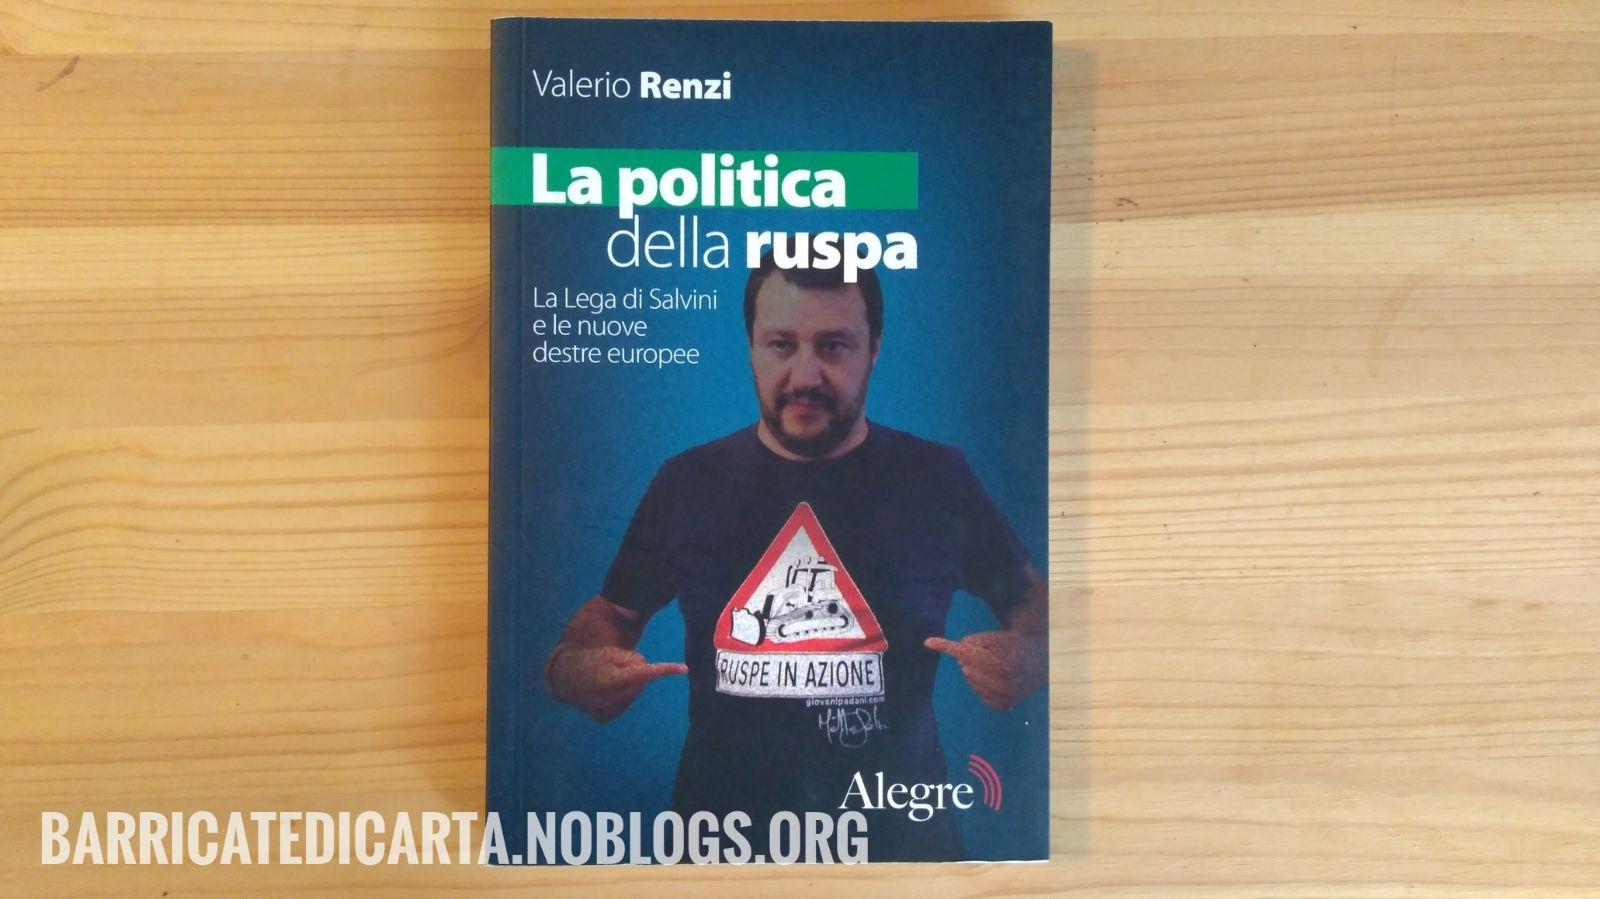 La politica della ruspa, Valerio Renzi. Alegre edizioni.